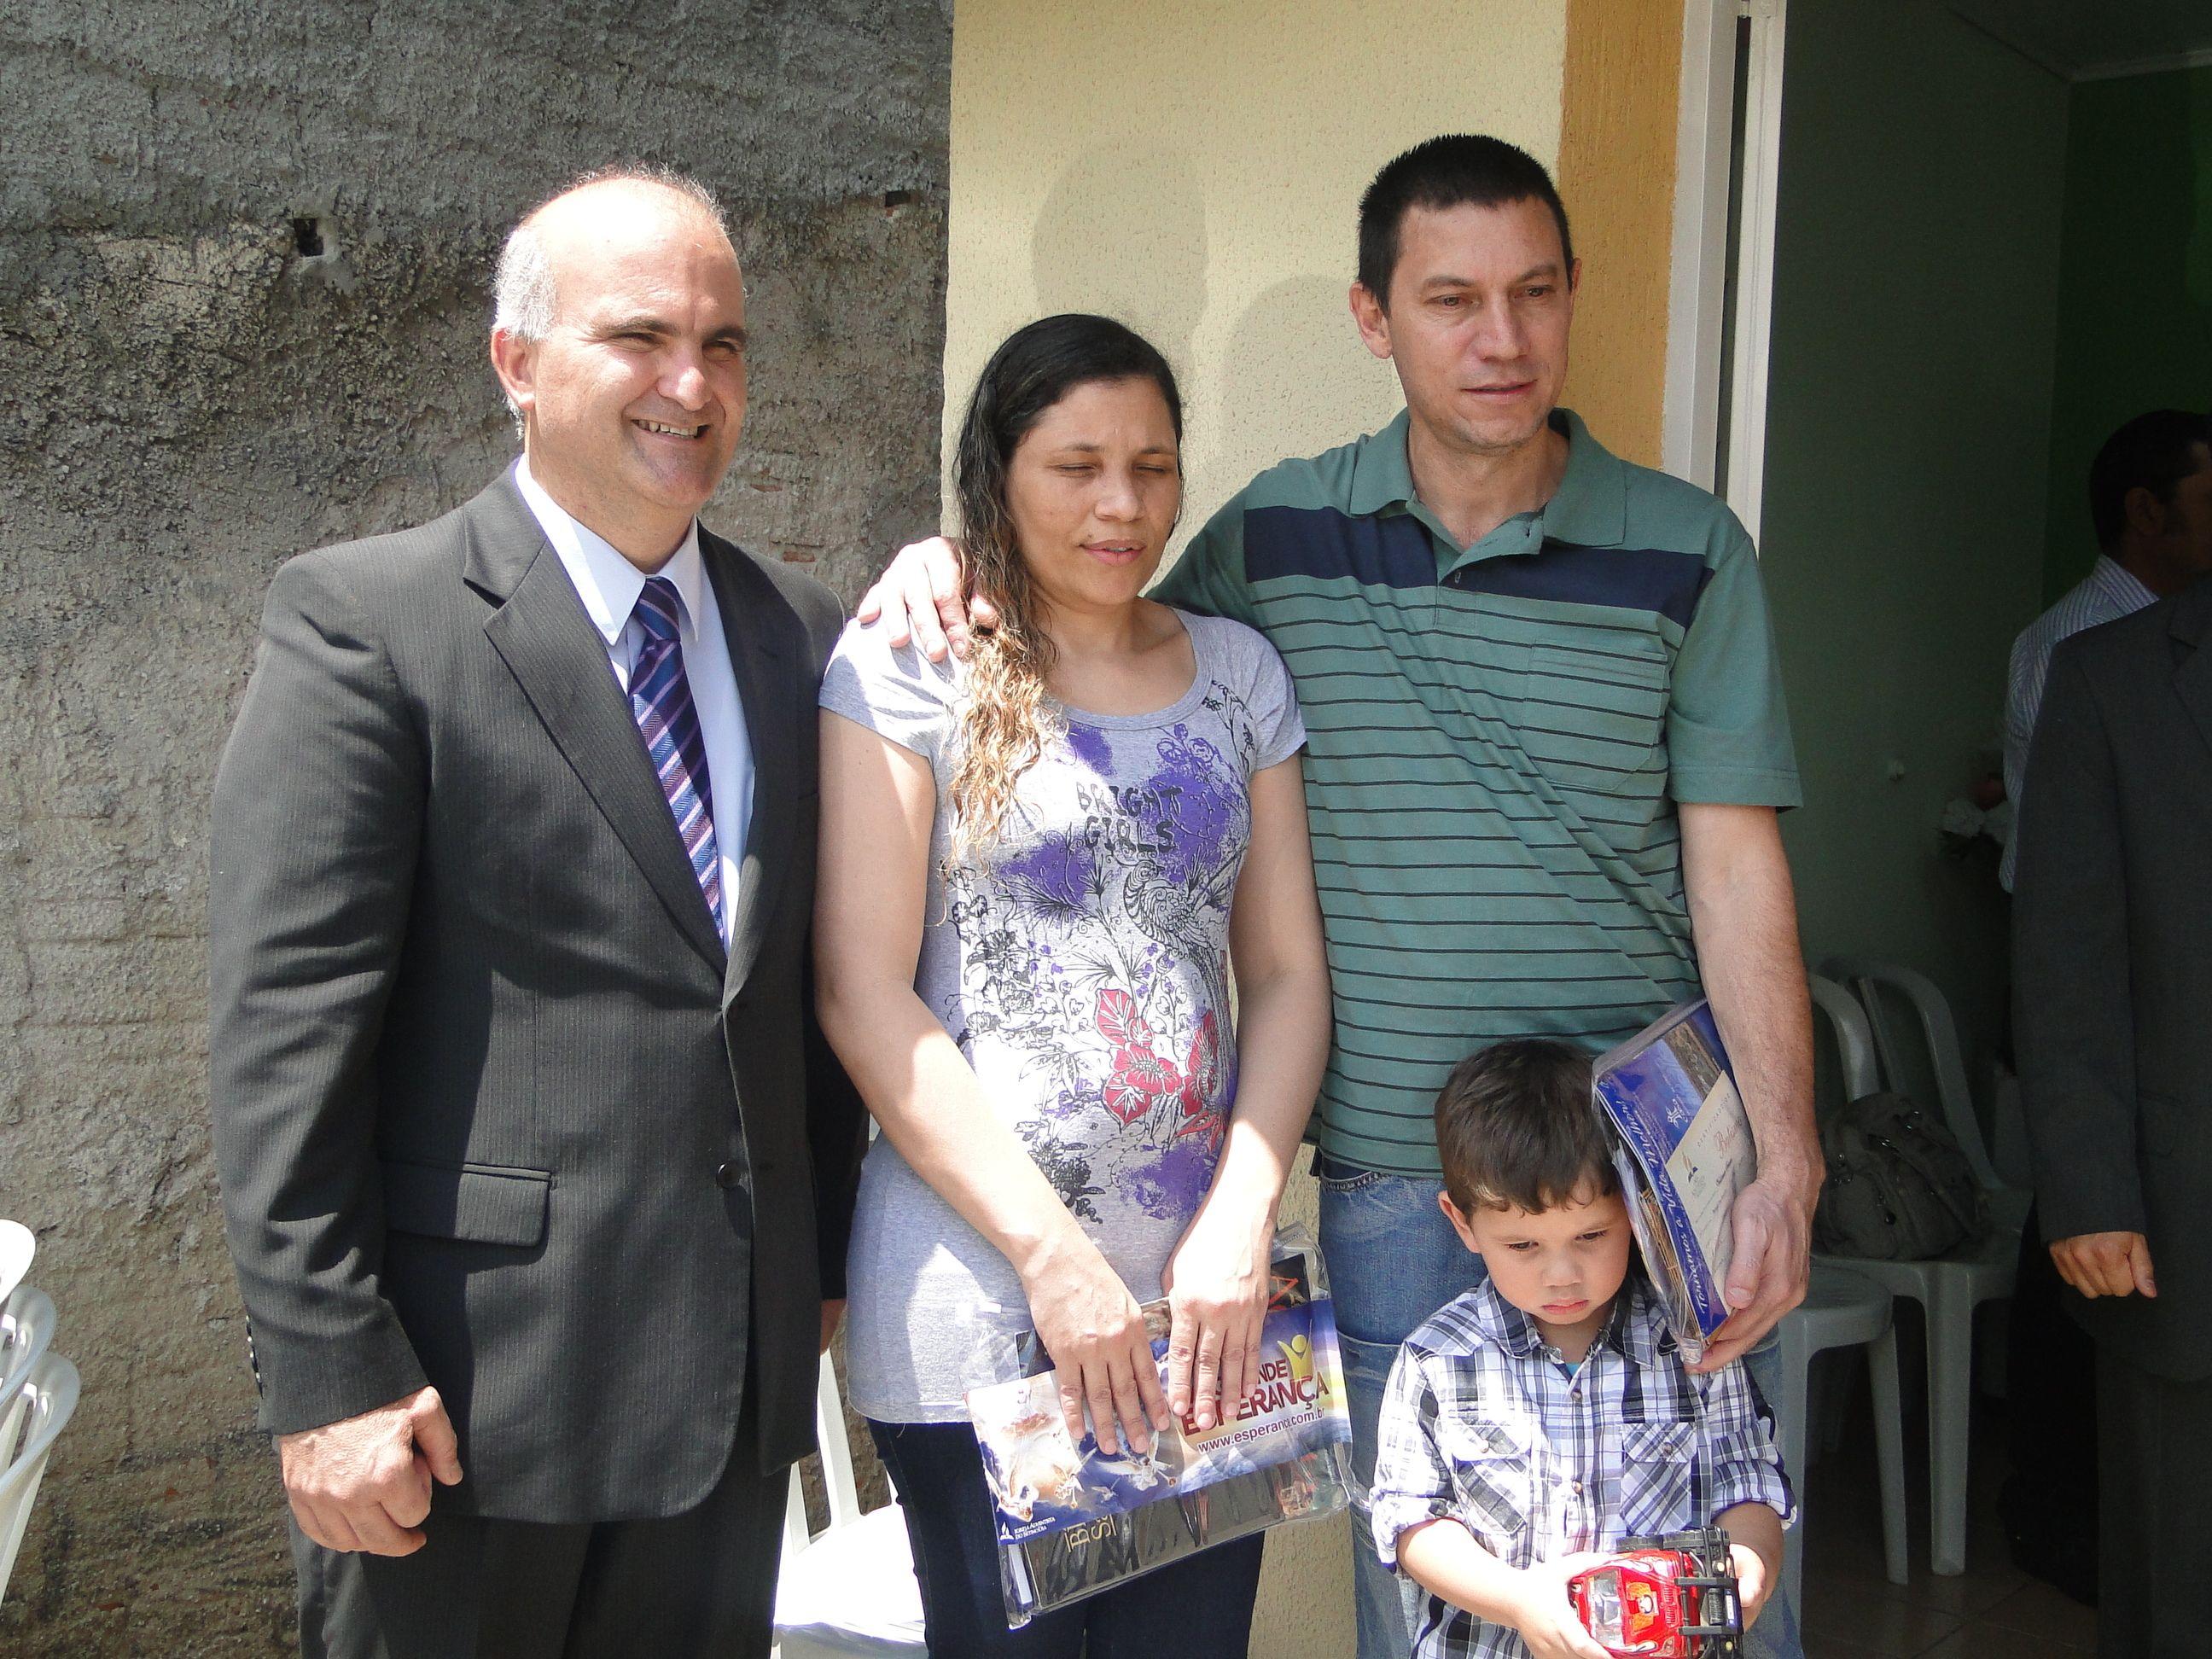 A família Schutzer acompanha a TV Novo Tempo em Curitiba através do canal 35 - Crédito: Márcio Vivan